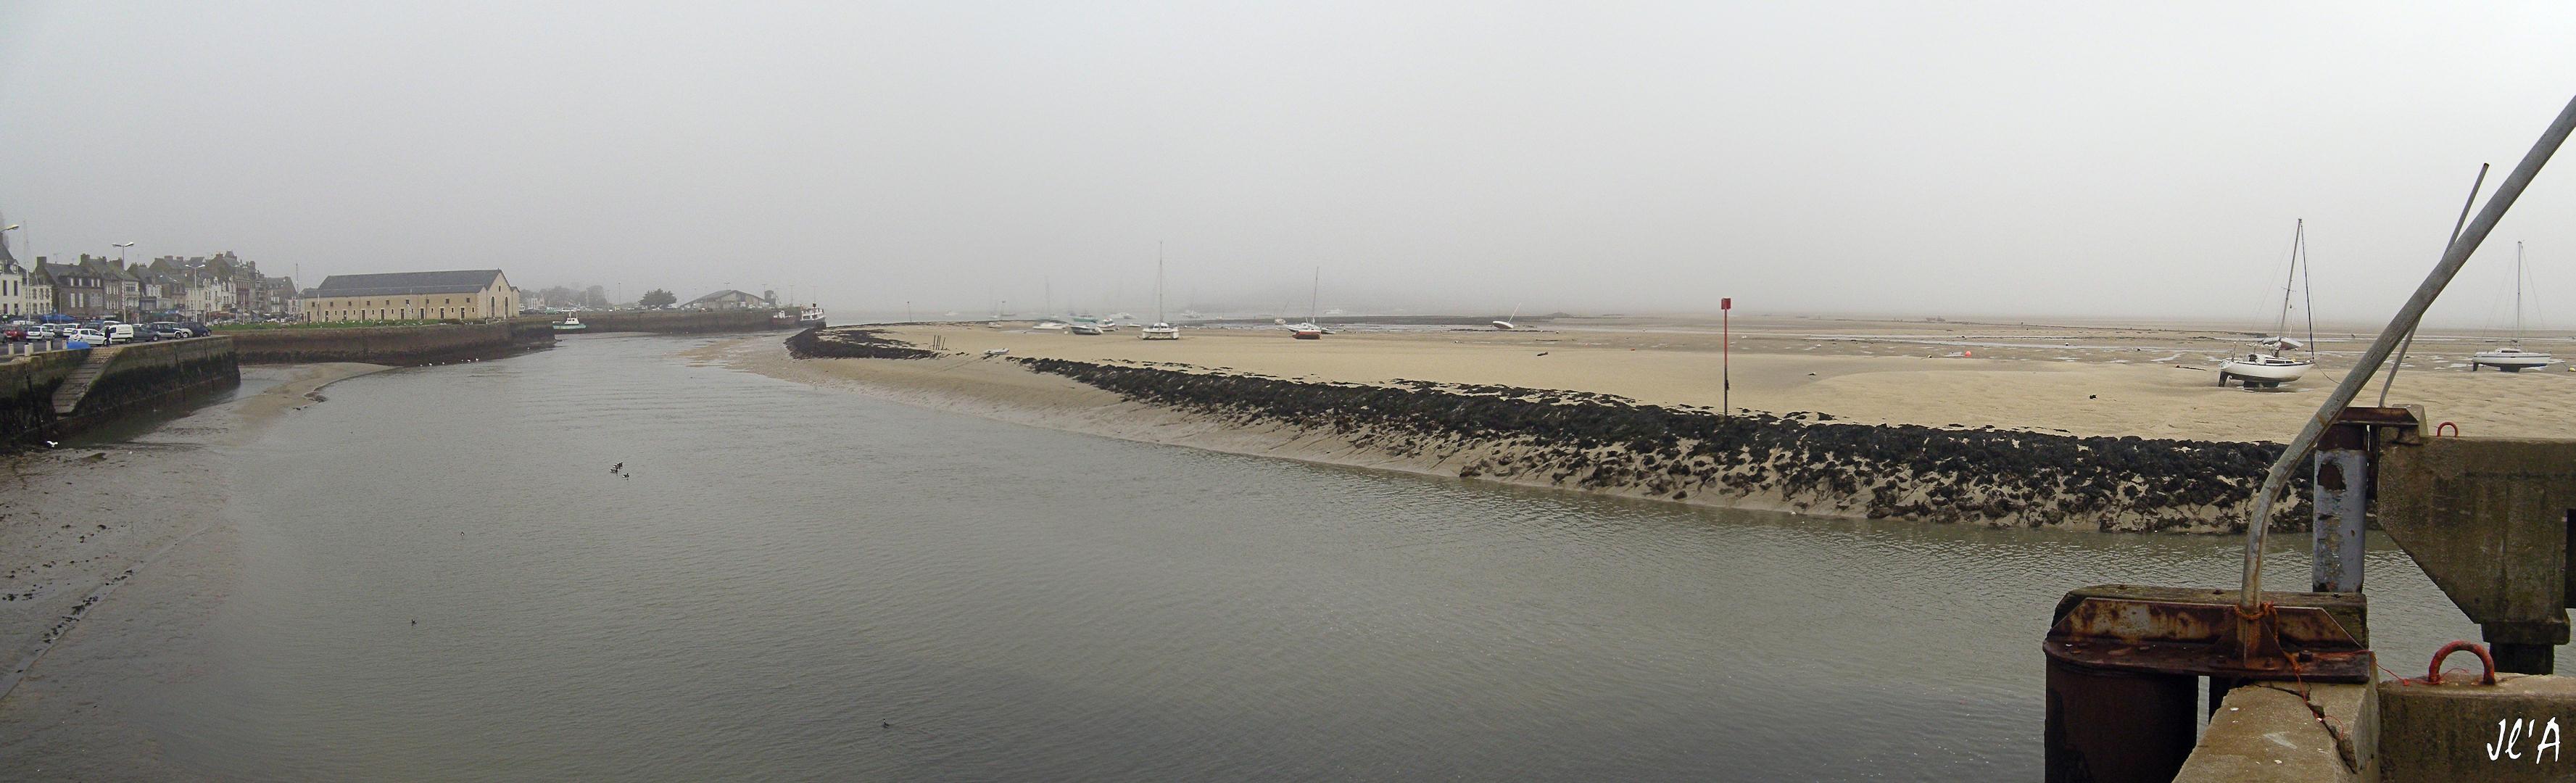 b32-G60013247-47à49 Panorama chenal et traict marée basse